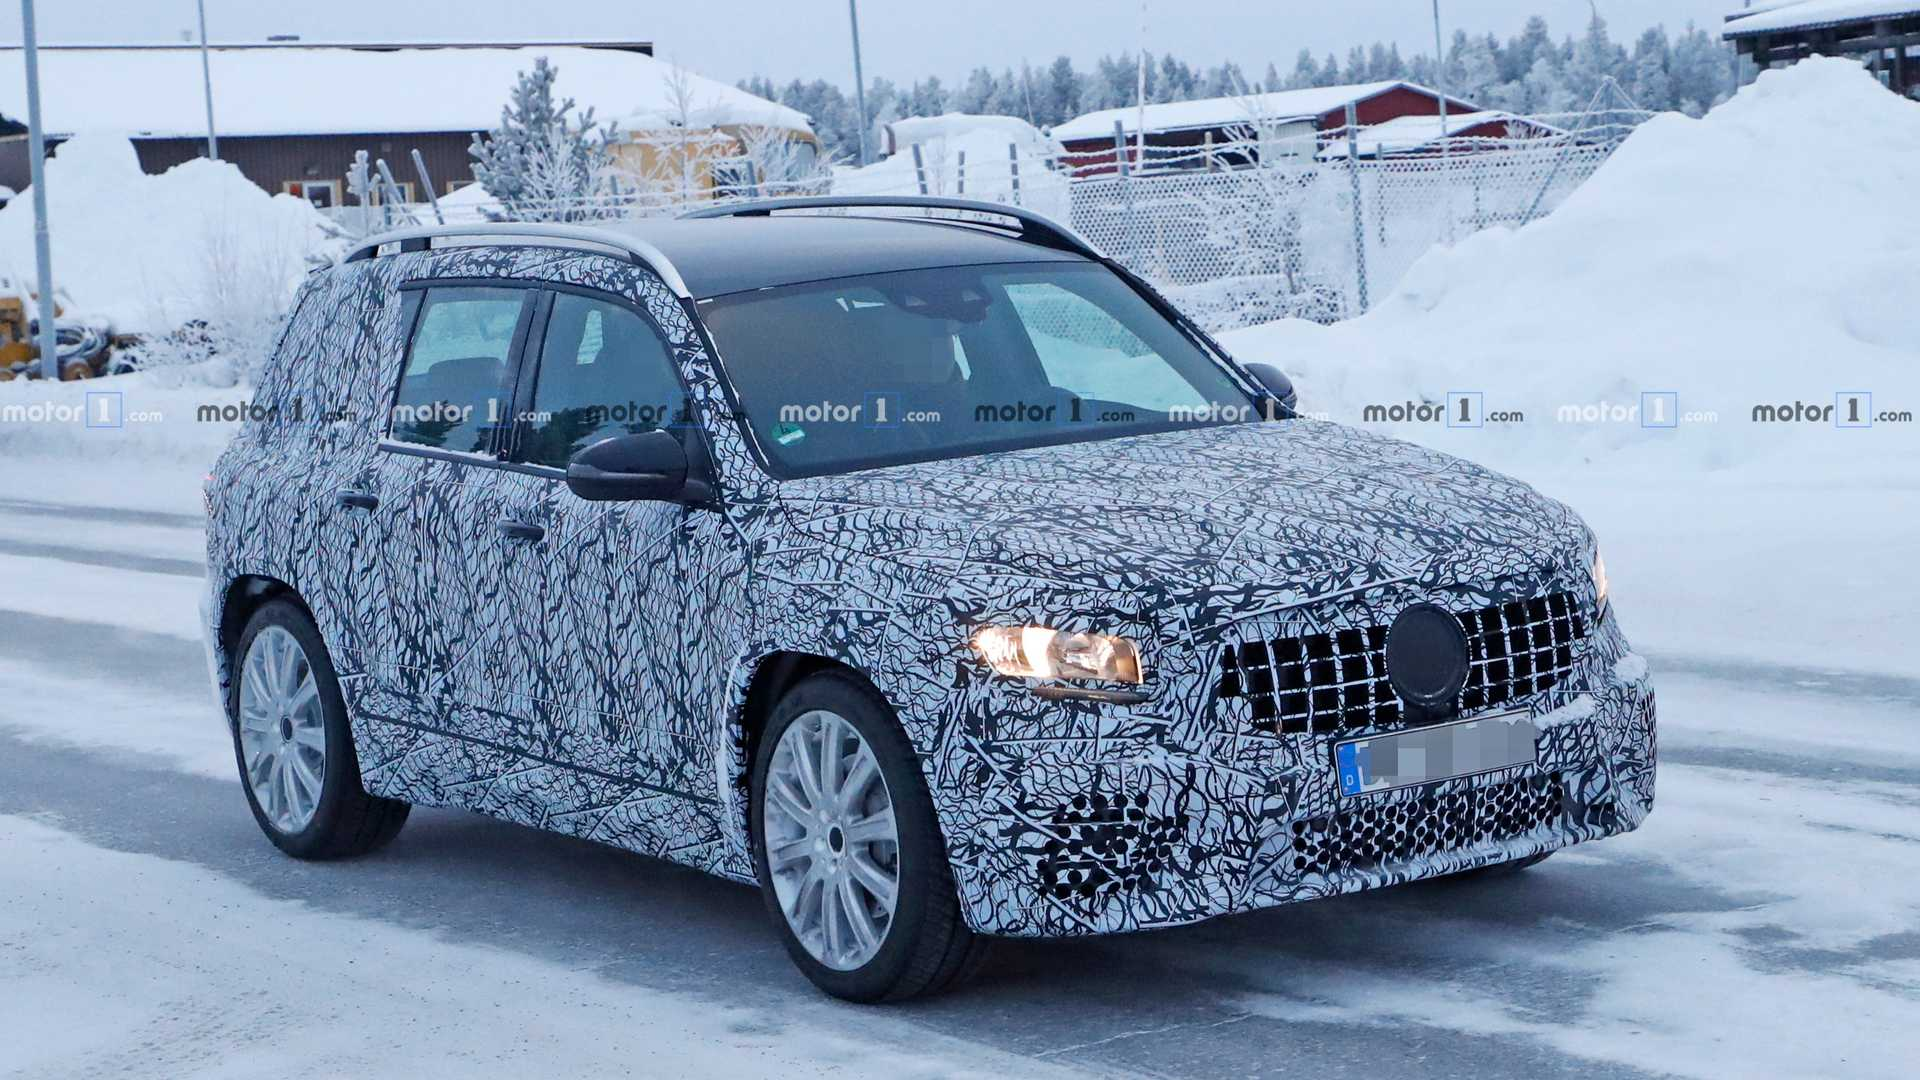 Новый Mercedes-AMG GLB 35 вышел на дорожные испытания 1